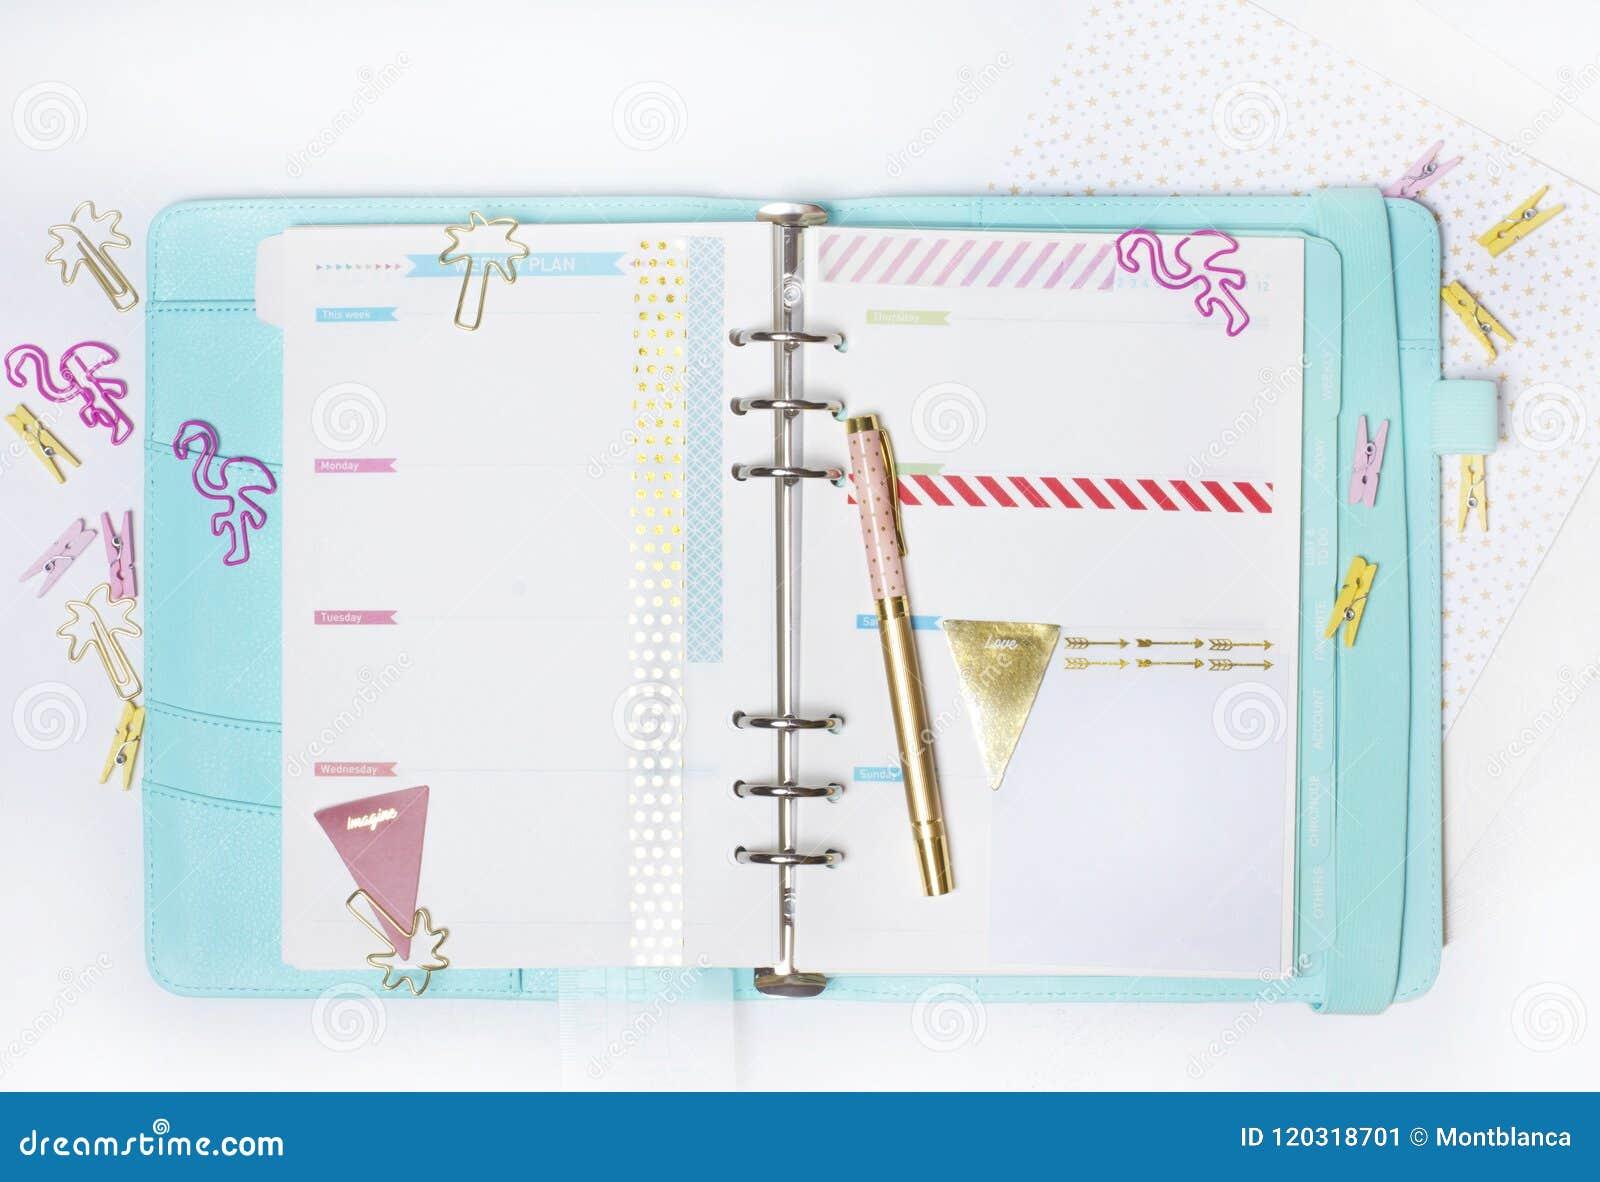 Efectos de escritorio femeninos: la carpeta de papel colorida acorta la palma y el flamin